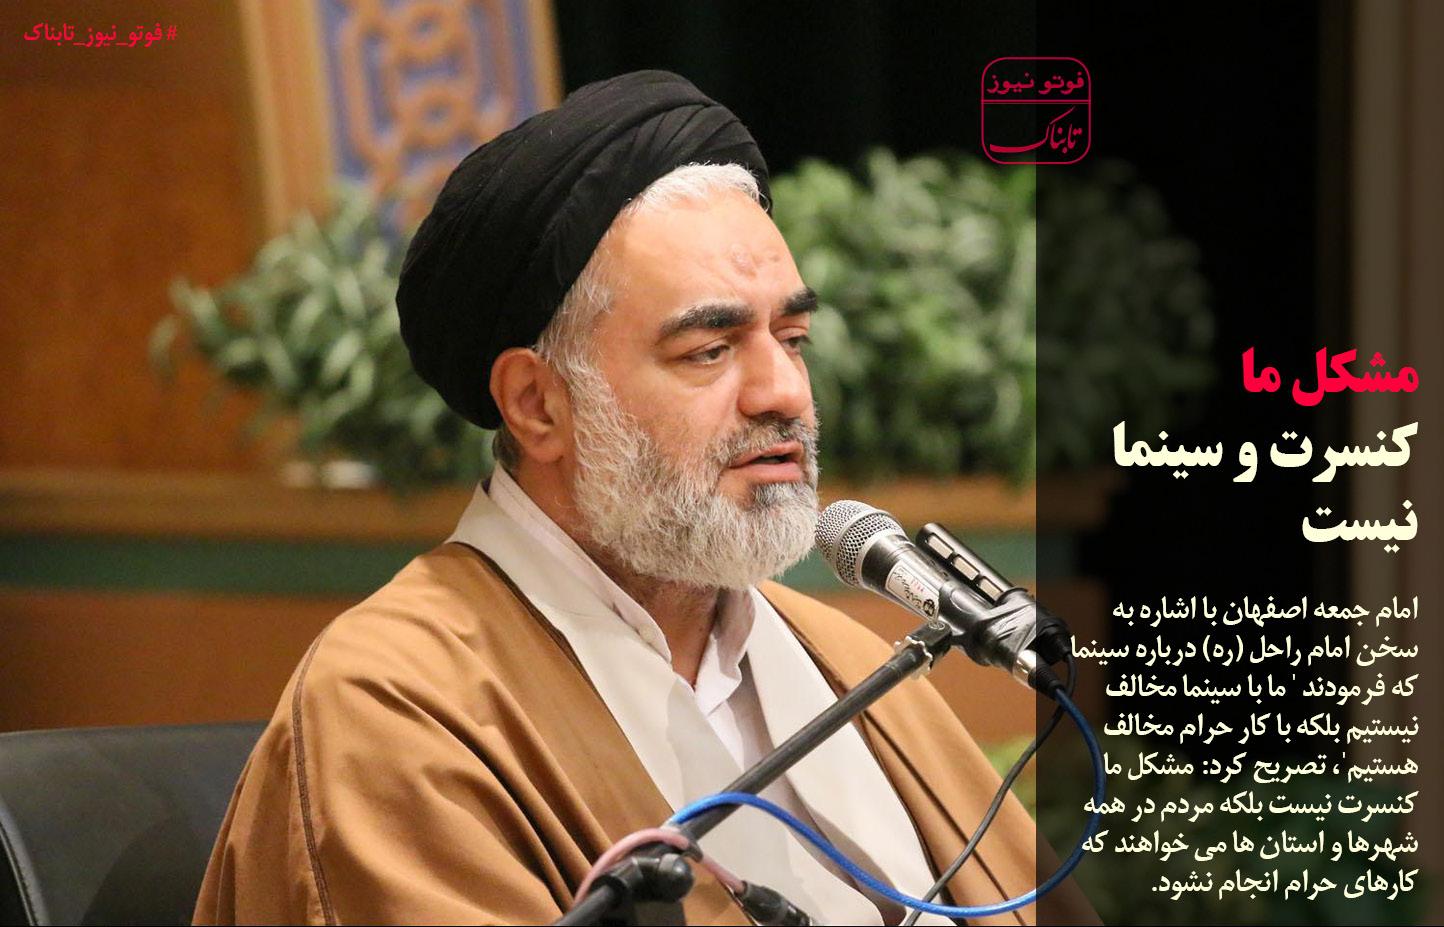 کانال خبری استقلال در تلگرام